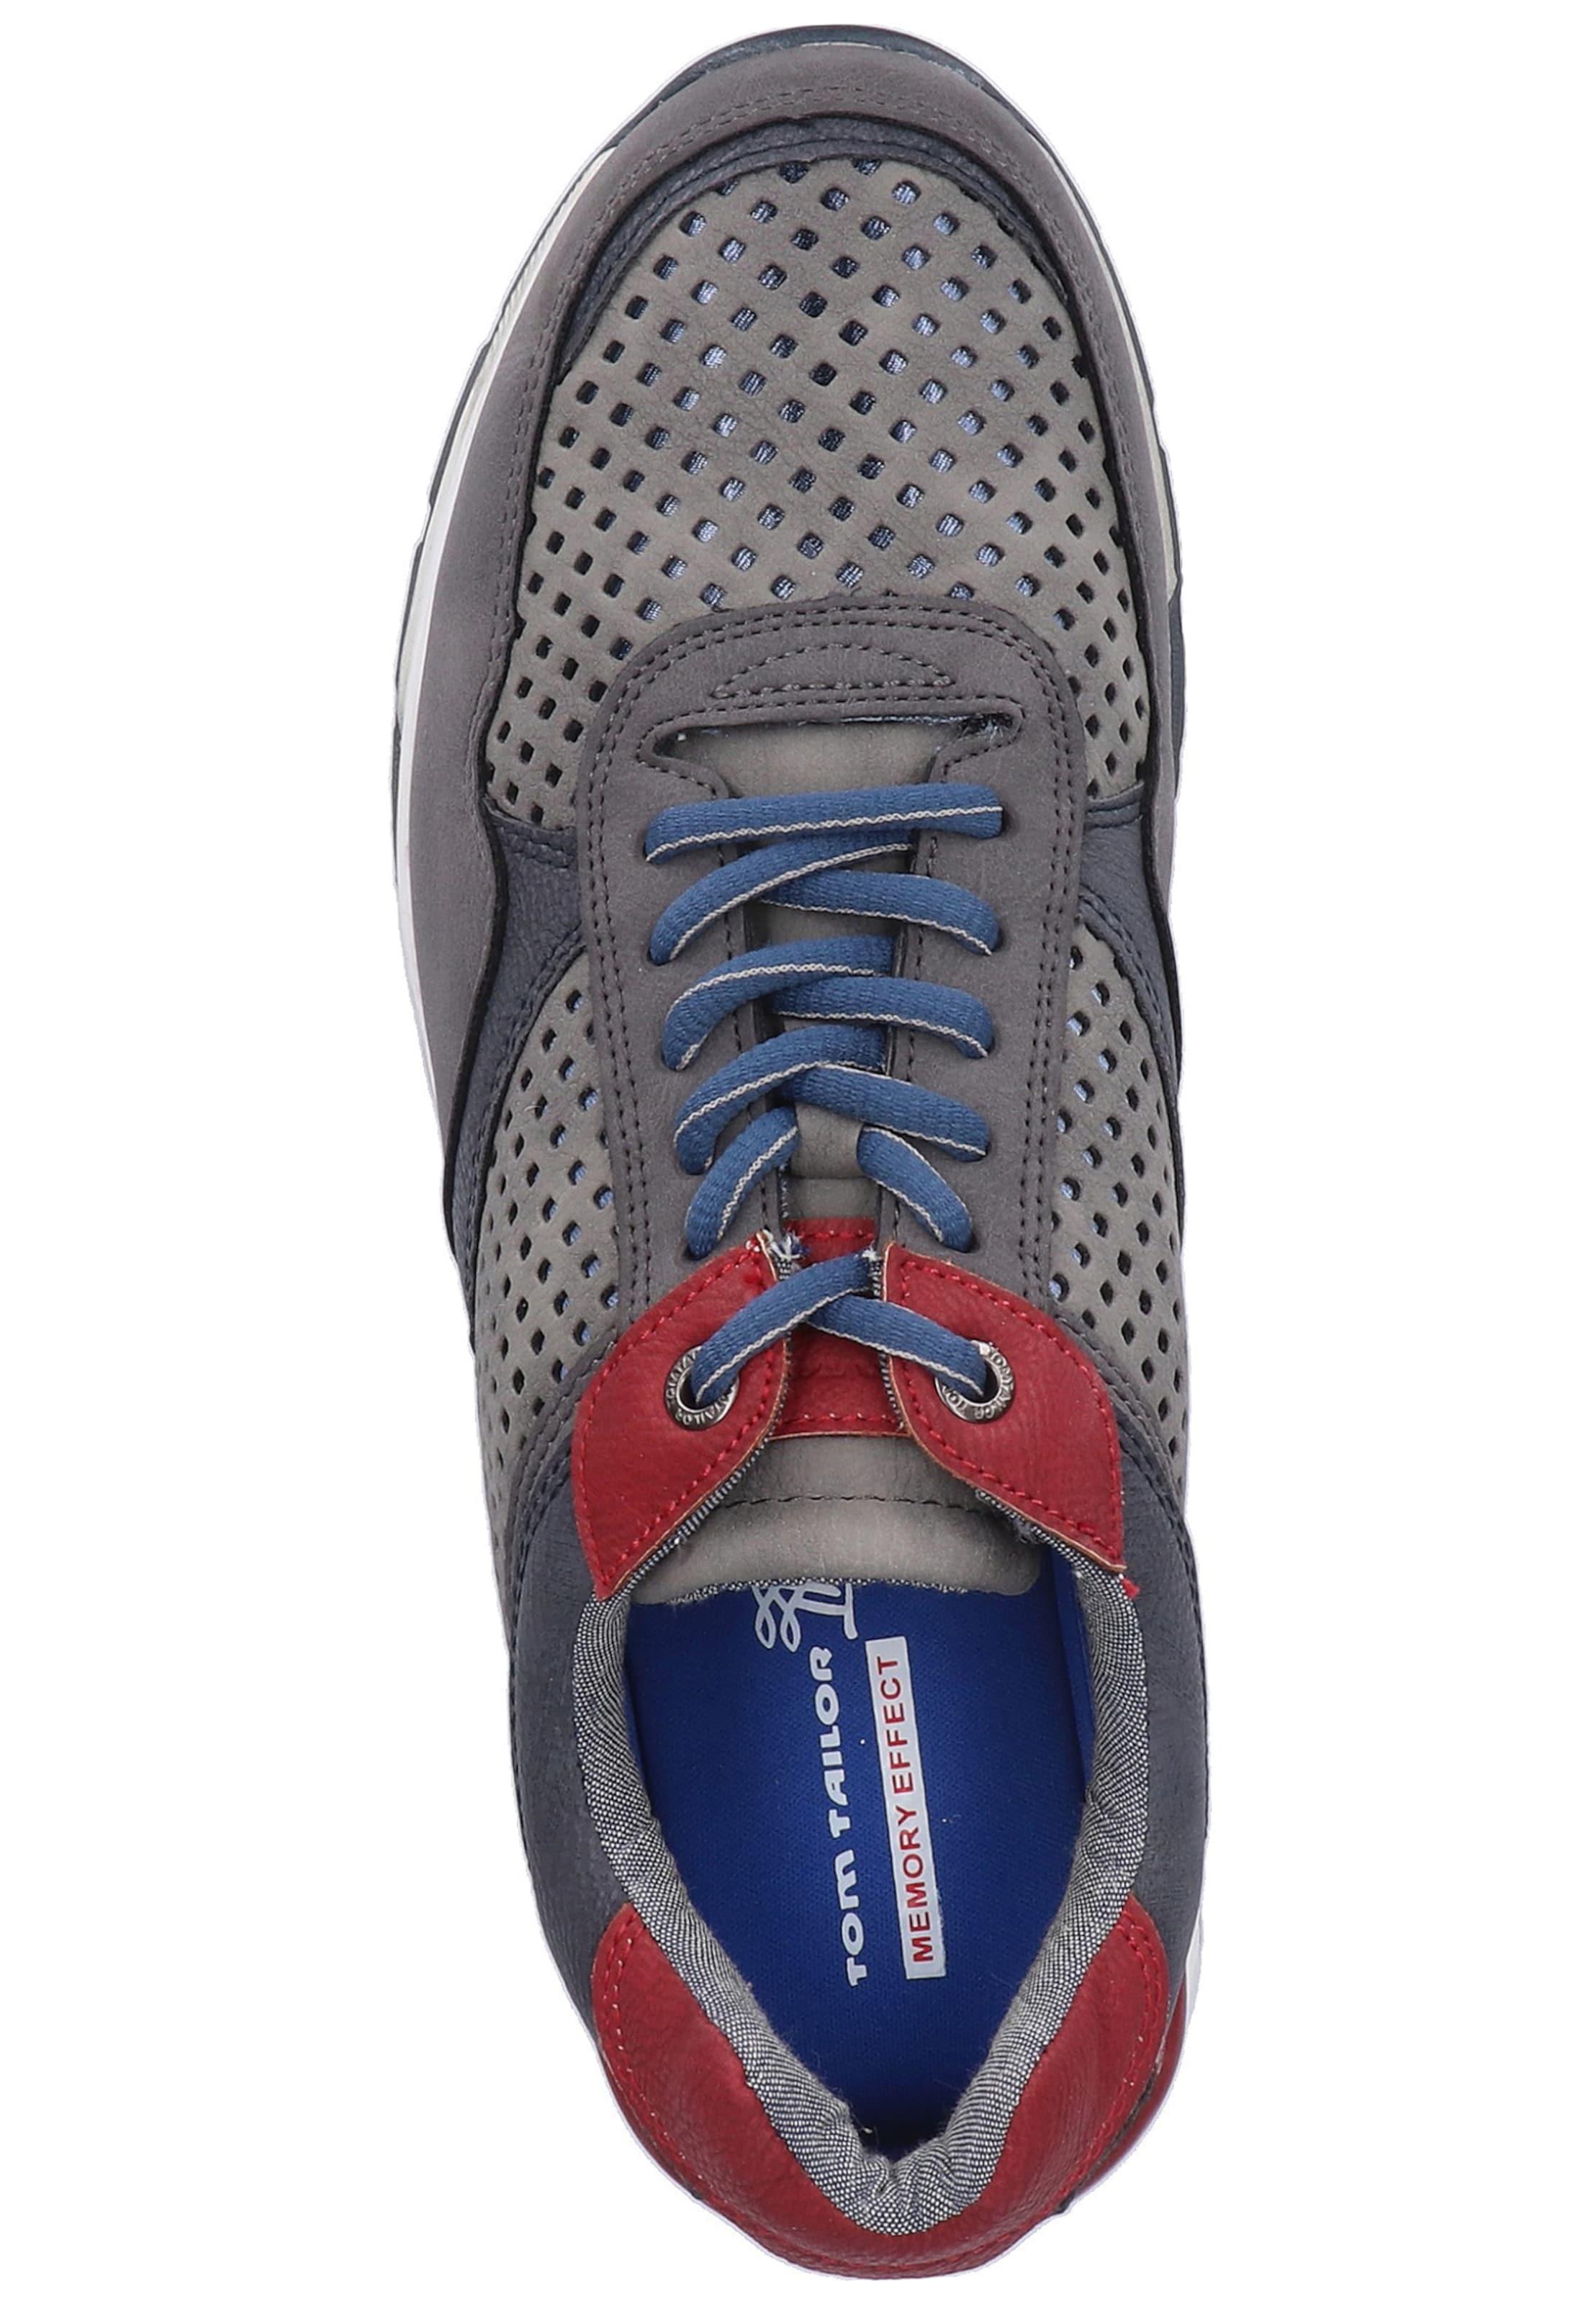 Rouge En Foncé Tailor Tom Baskets Bleu MarineGris Basses w80OkXnP